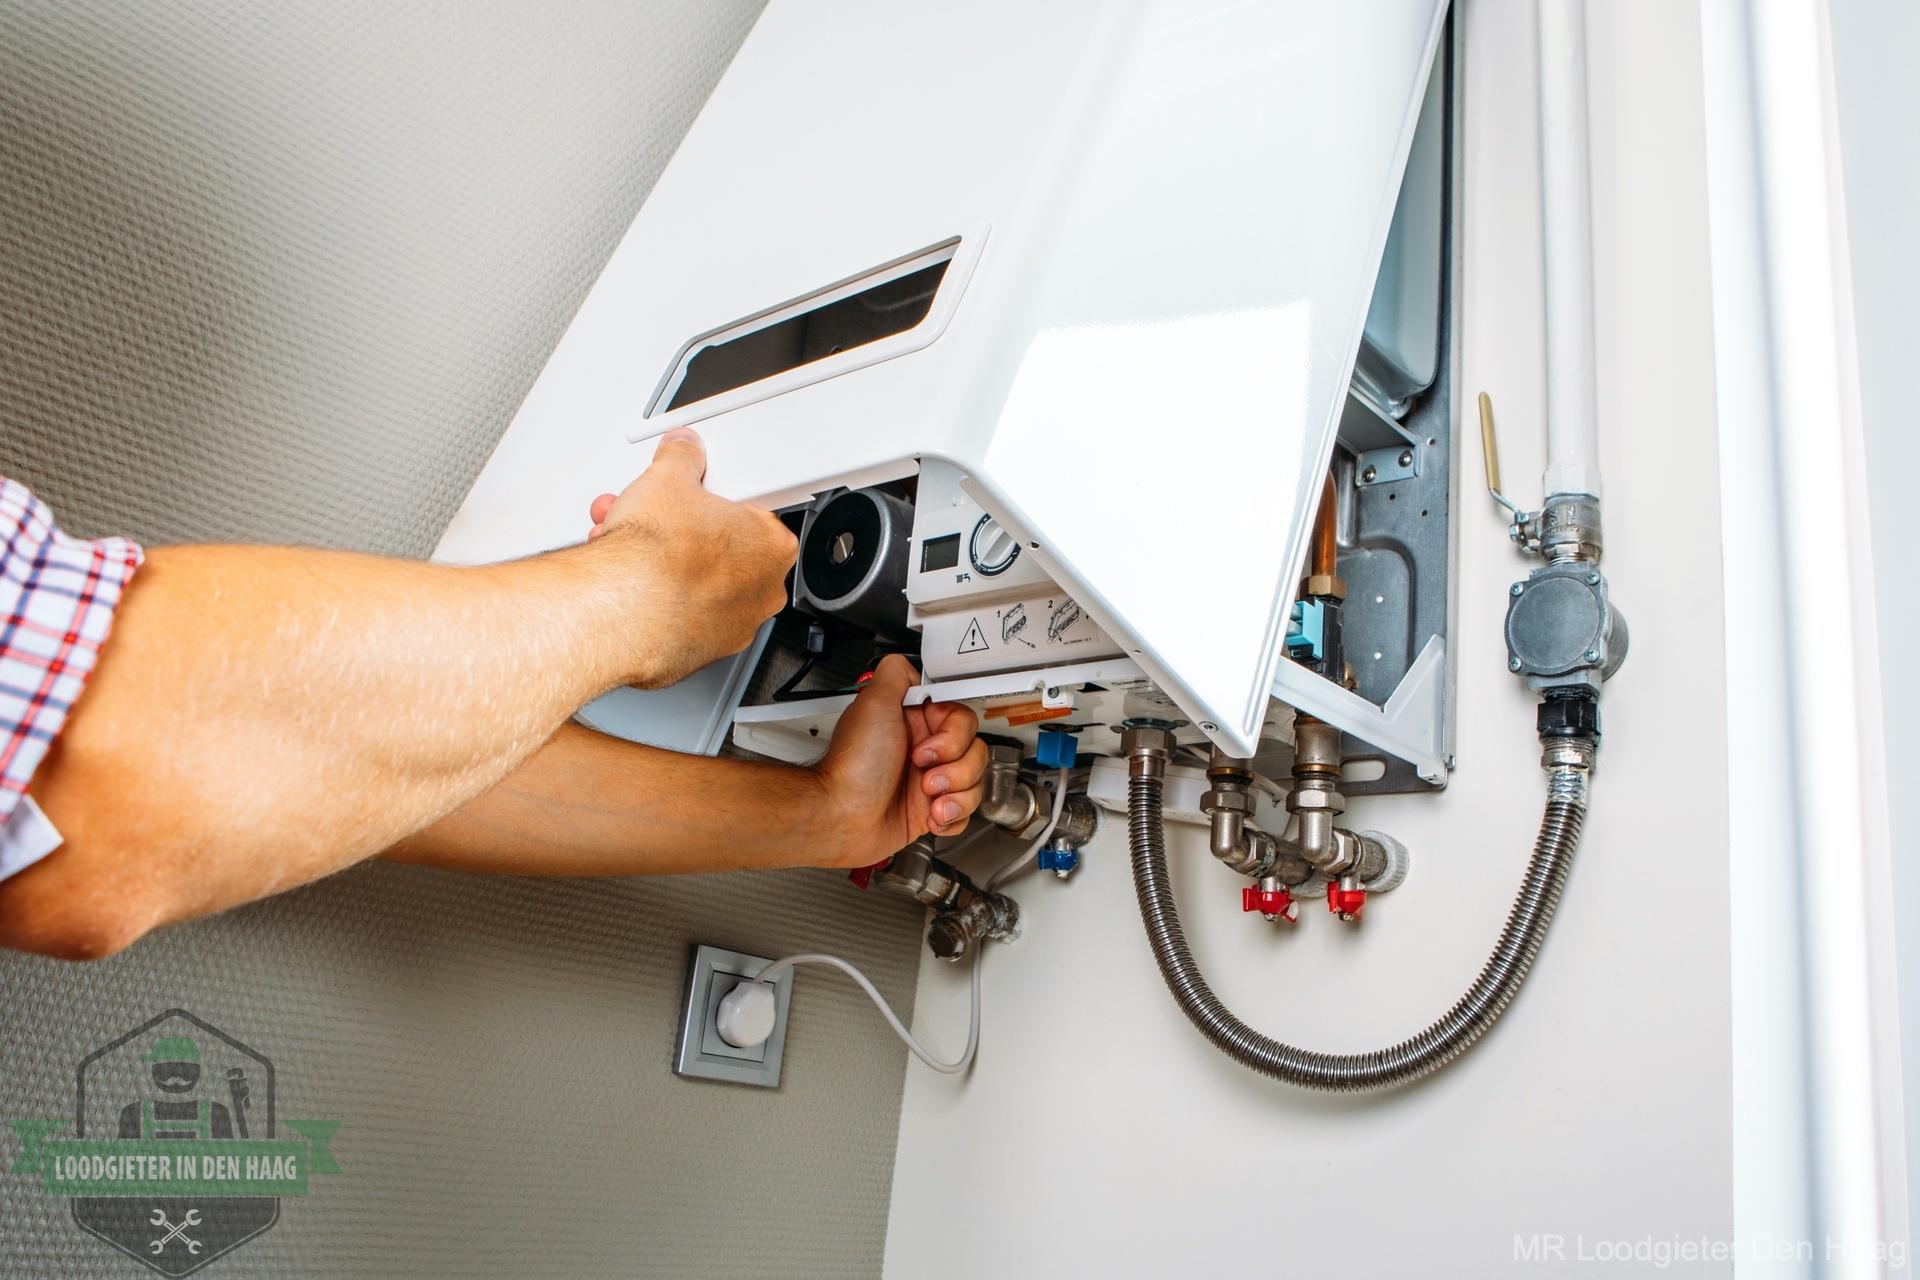 CV storing verhelpen loodgieter Den Haag